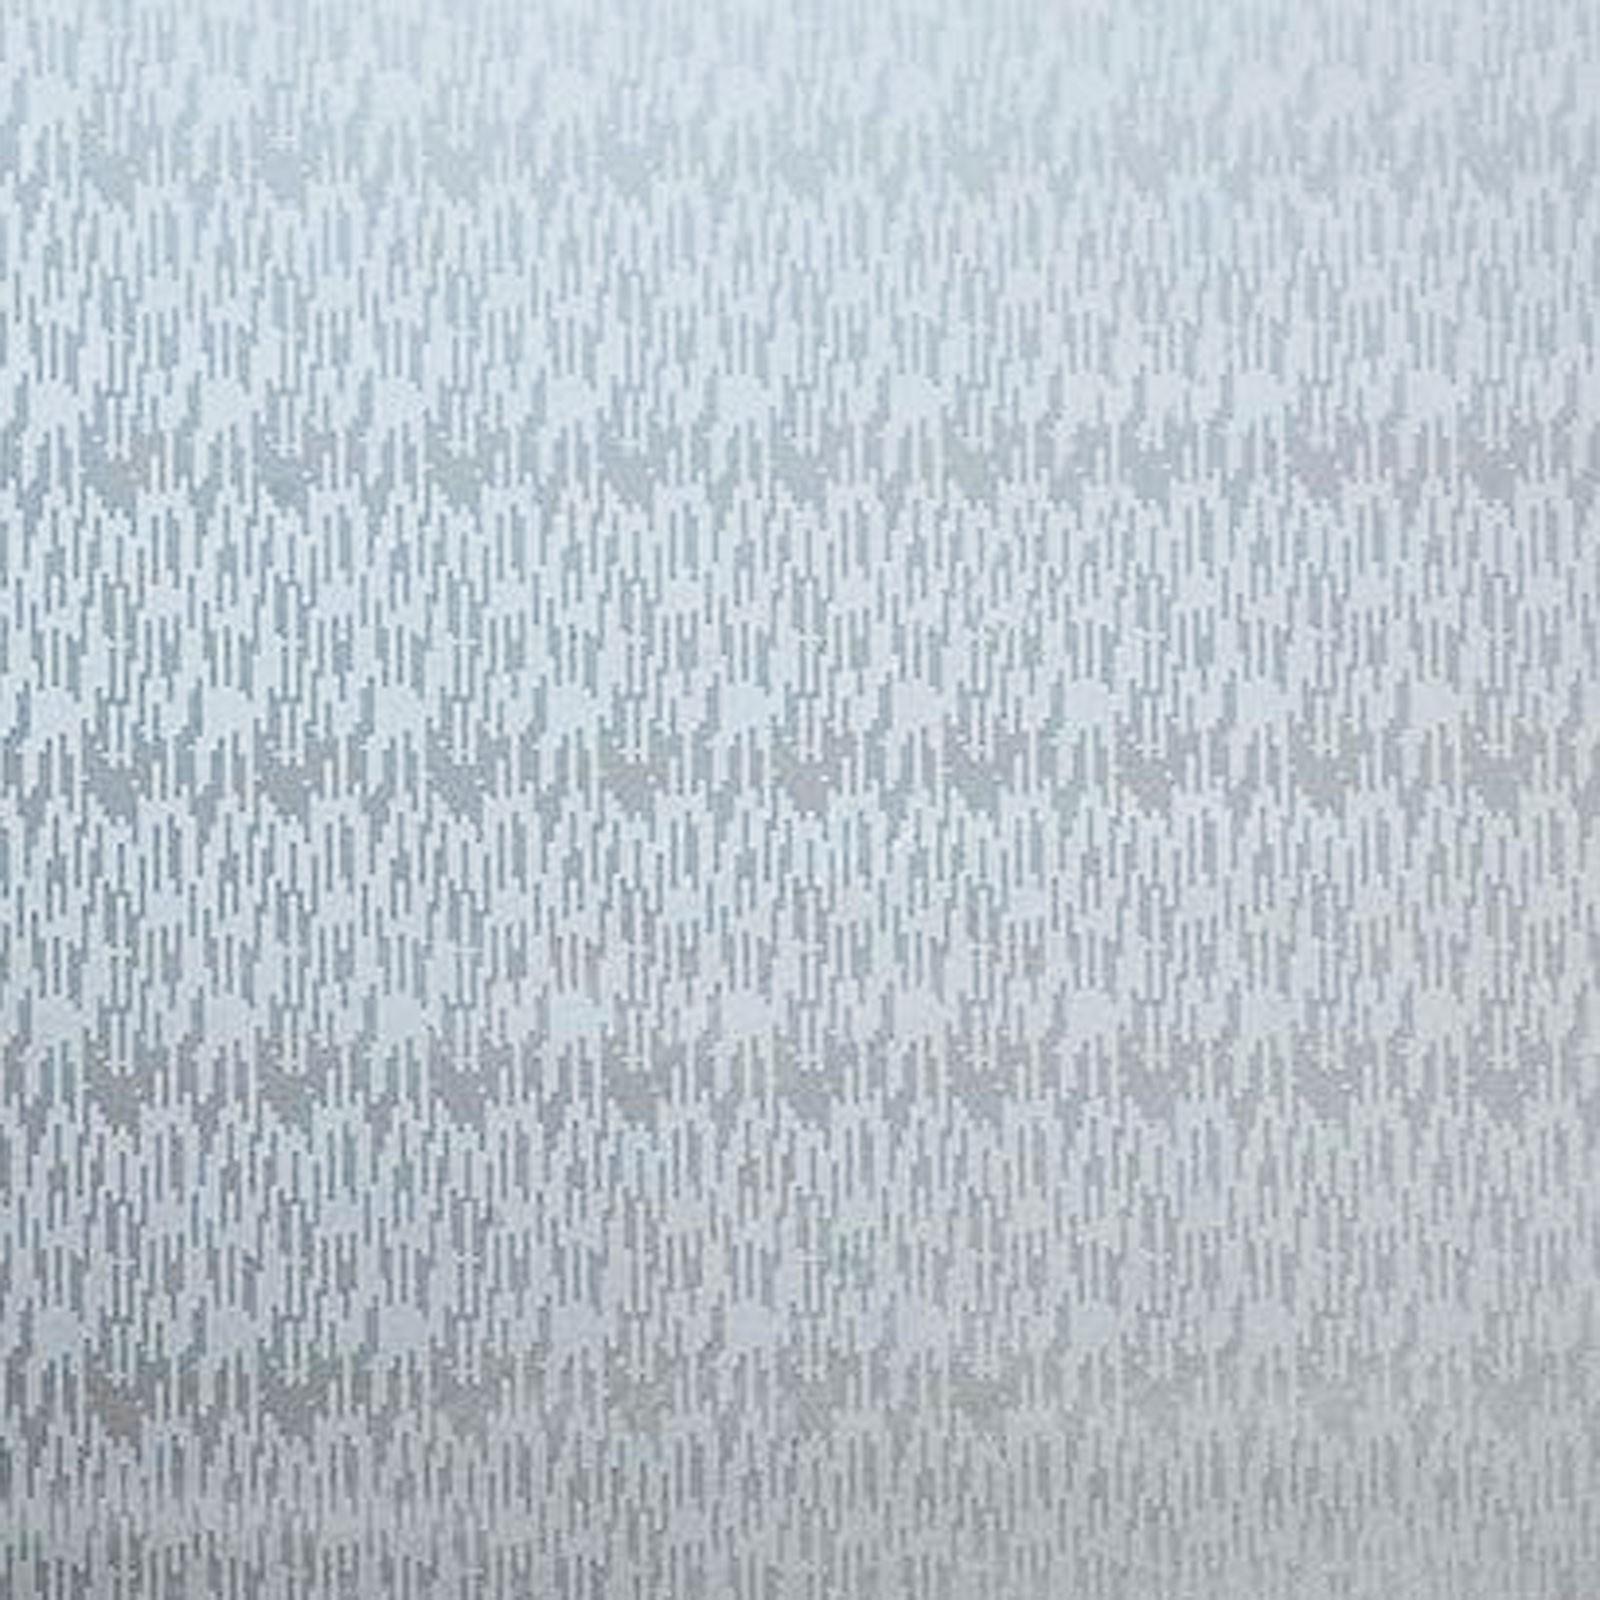 Full Size of Sichtschutz Fenster Code Daytonde Hotel Fürstenhof Bad Griesbach Einbruchsicher Sprüche Für Die Küche Rollos Regale Dachschrägen Einbruchsichere Kosten Fenster Sichtschutzfolie Für Fenster